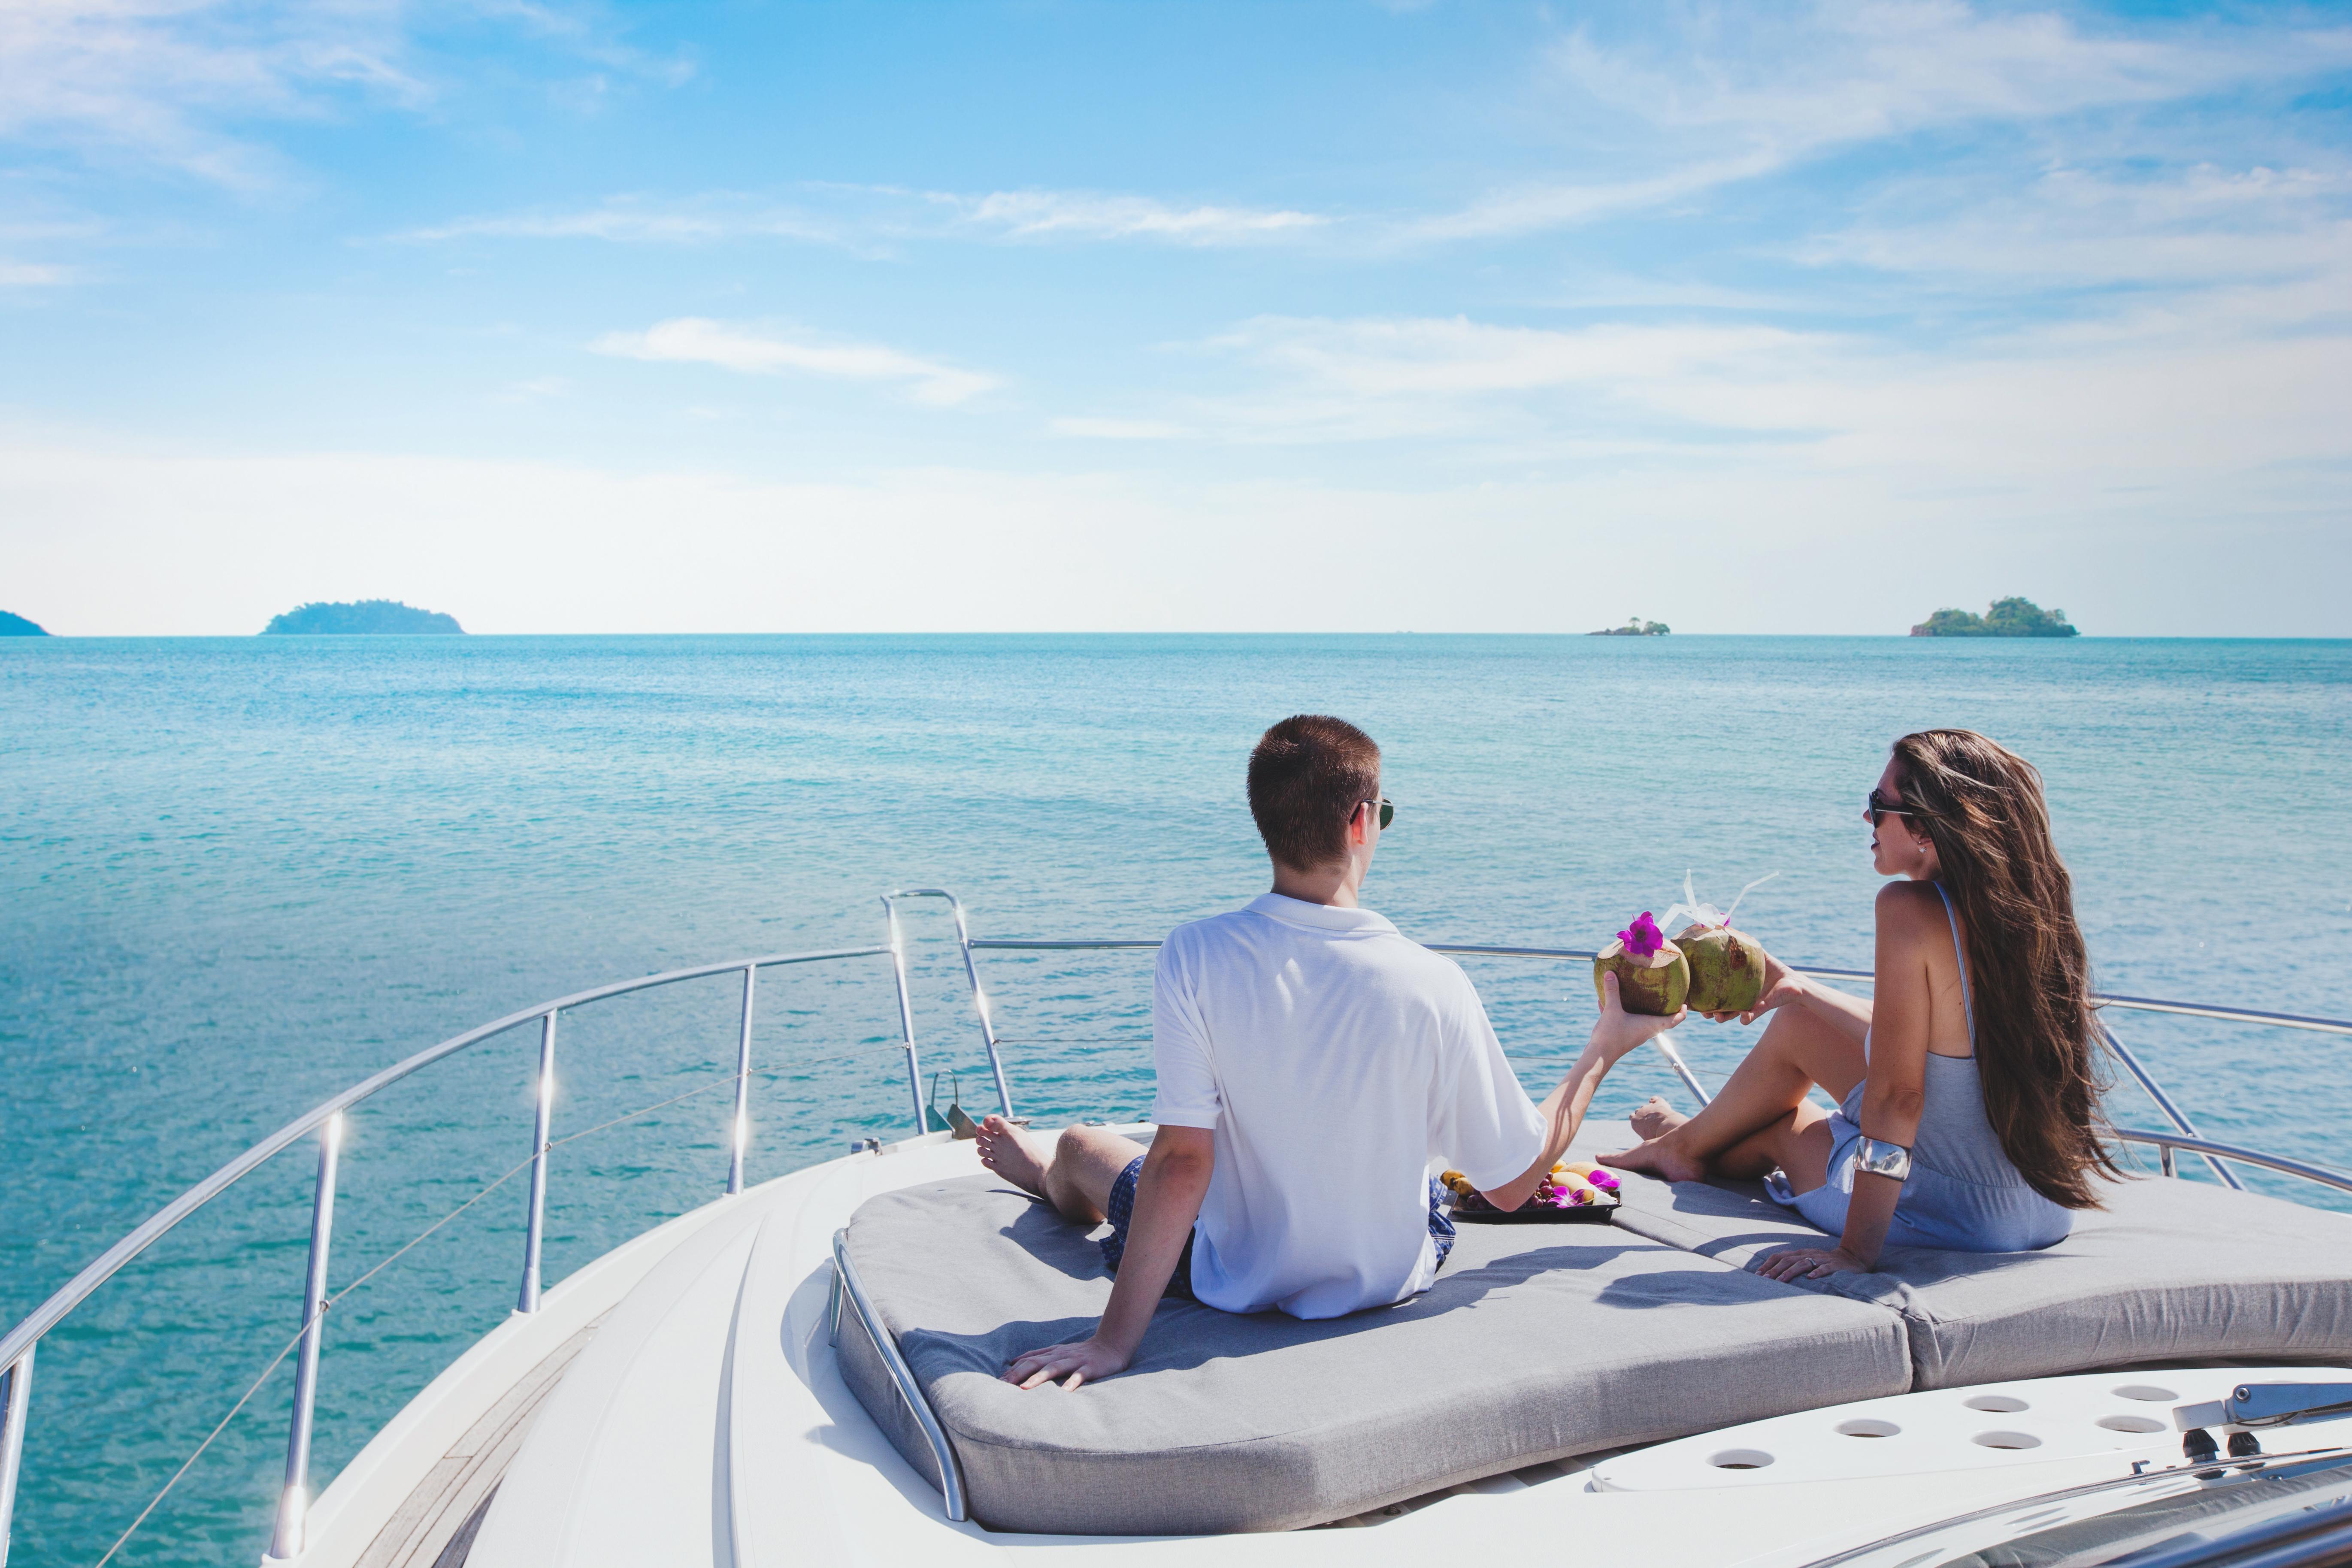 千萬遊艇與億萬星空的盛夏交響曲,獨特的遊艇Villa體驗!